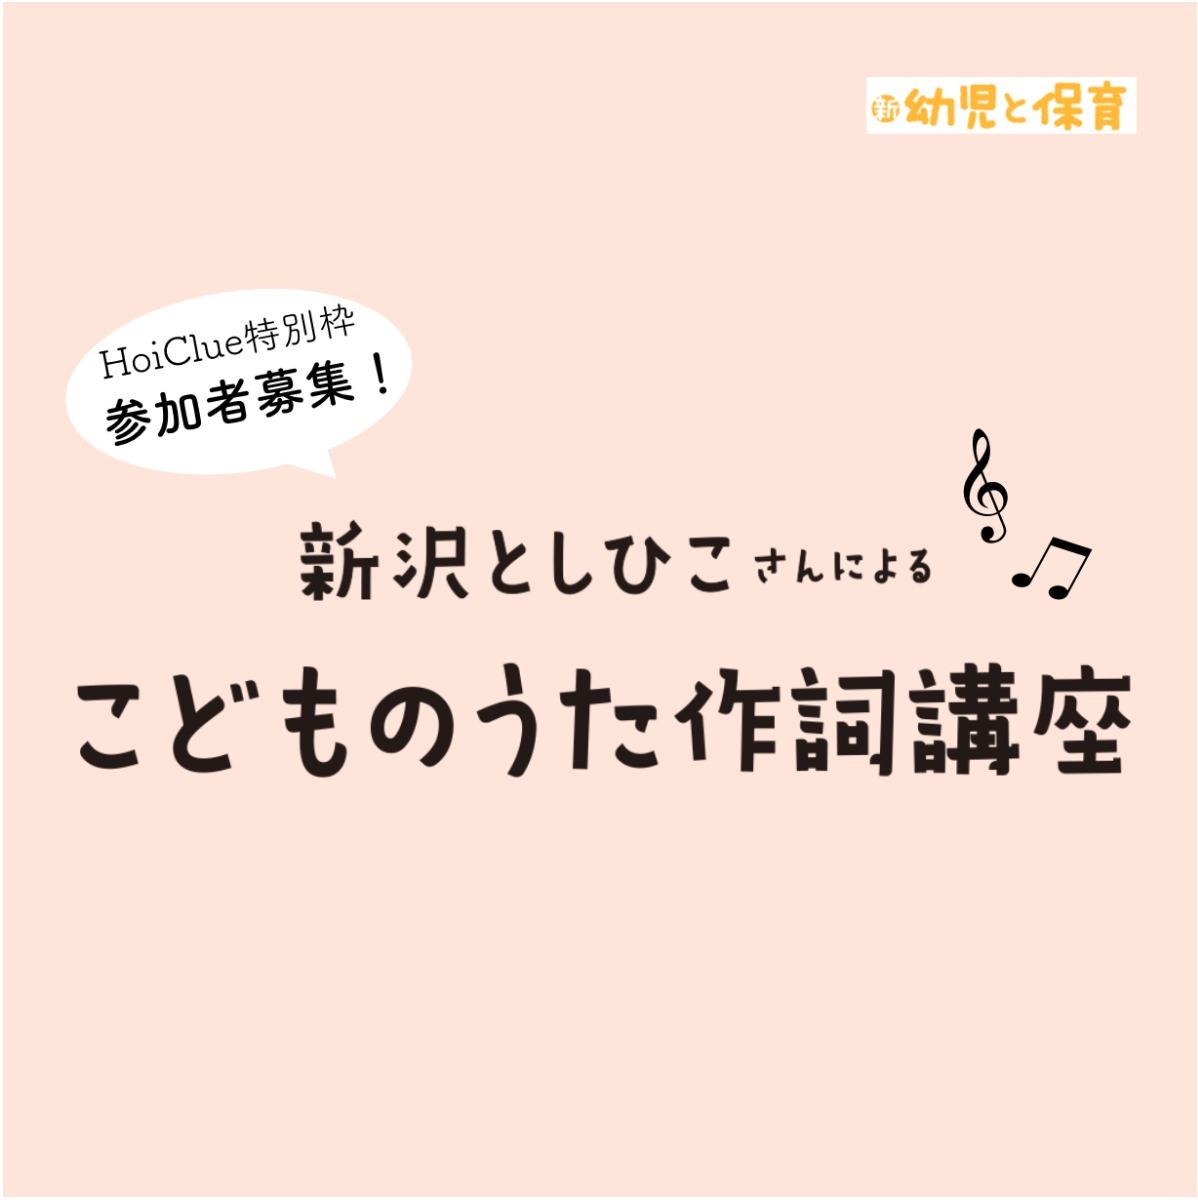 【受付終了】新沢としひこさんによる「こどものうた作詞講座」無料セミナー